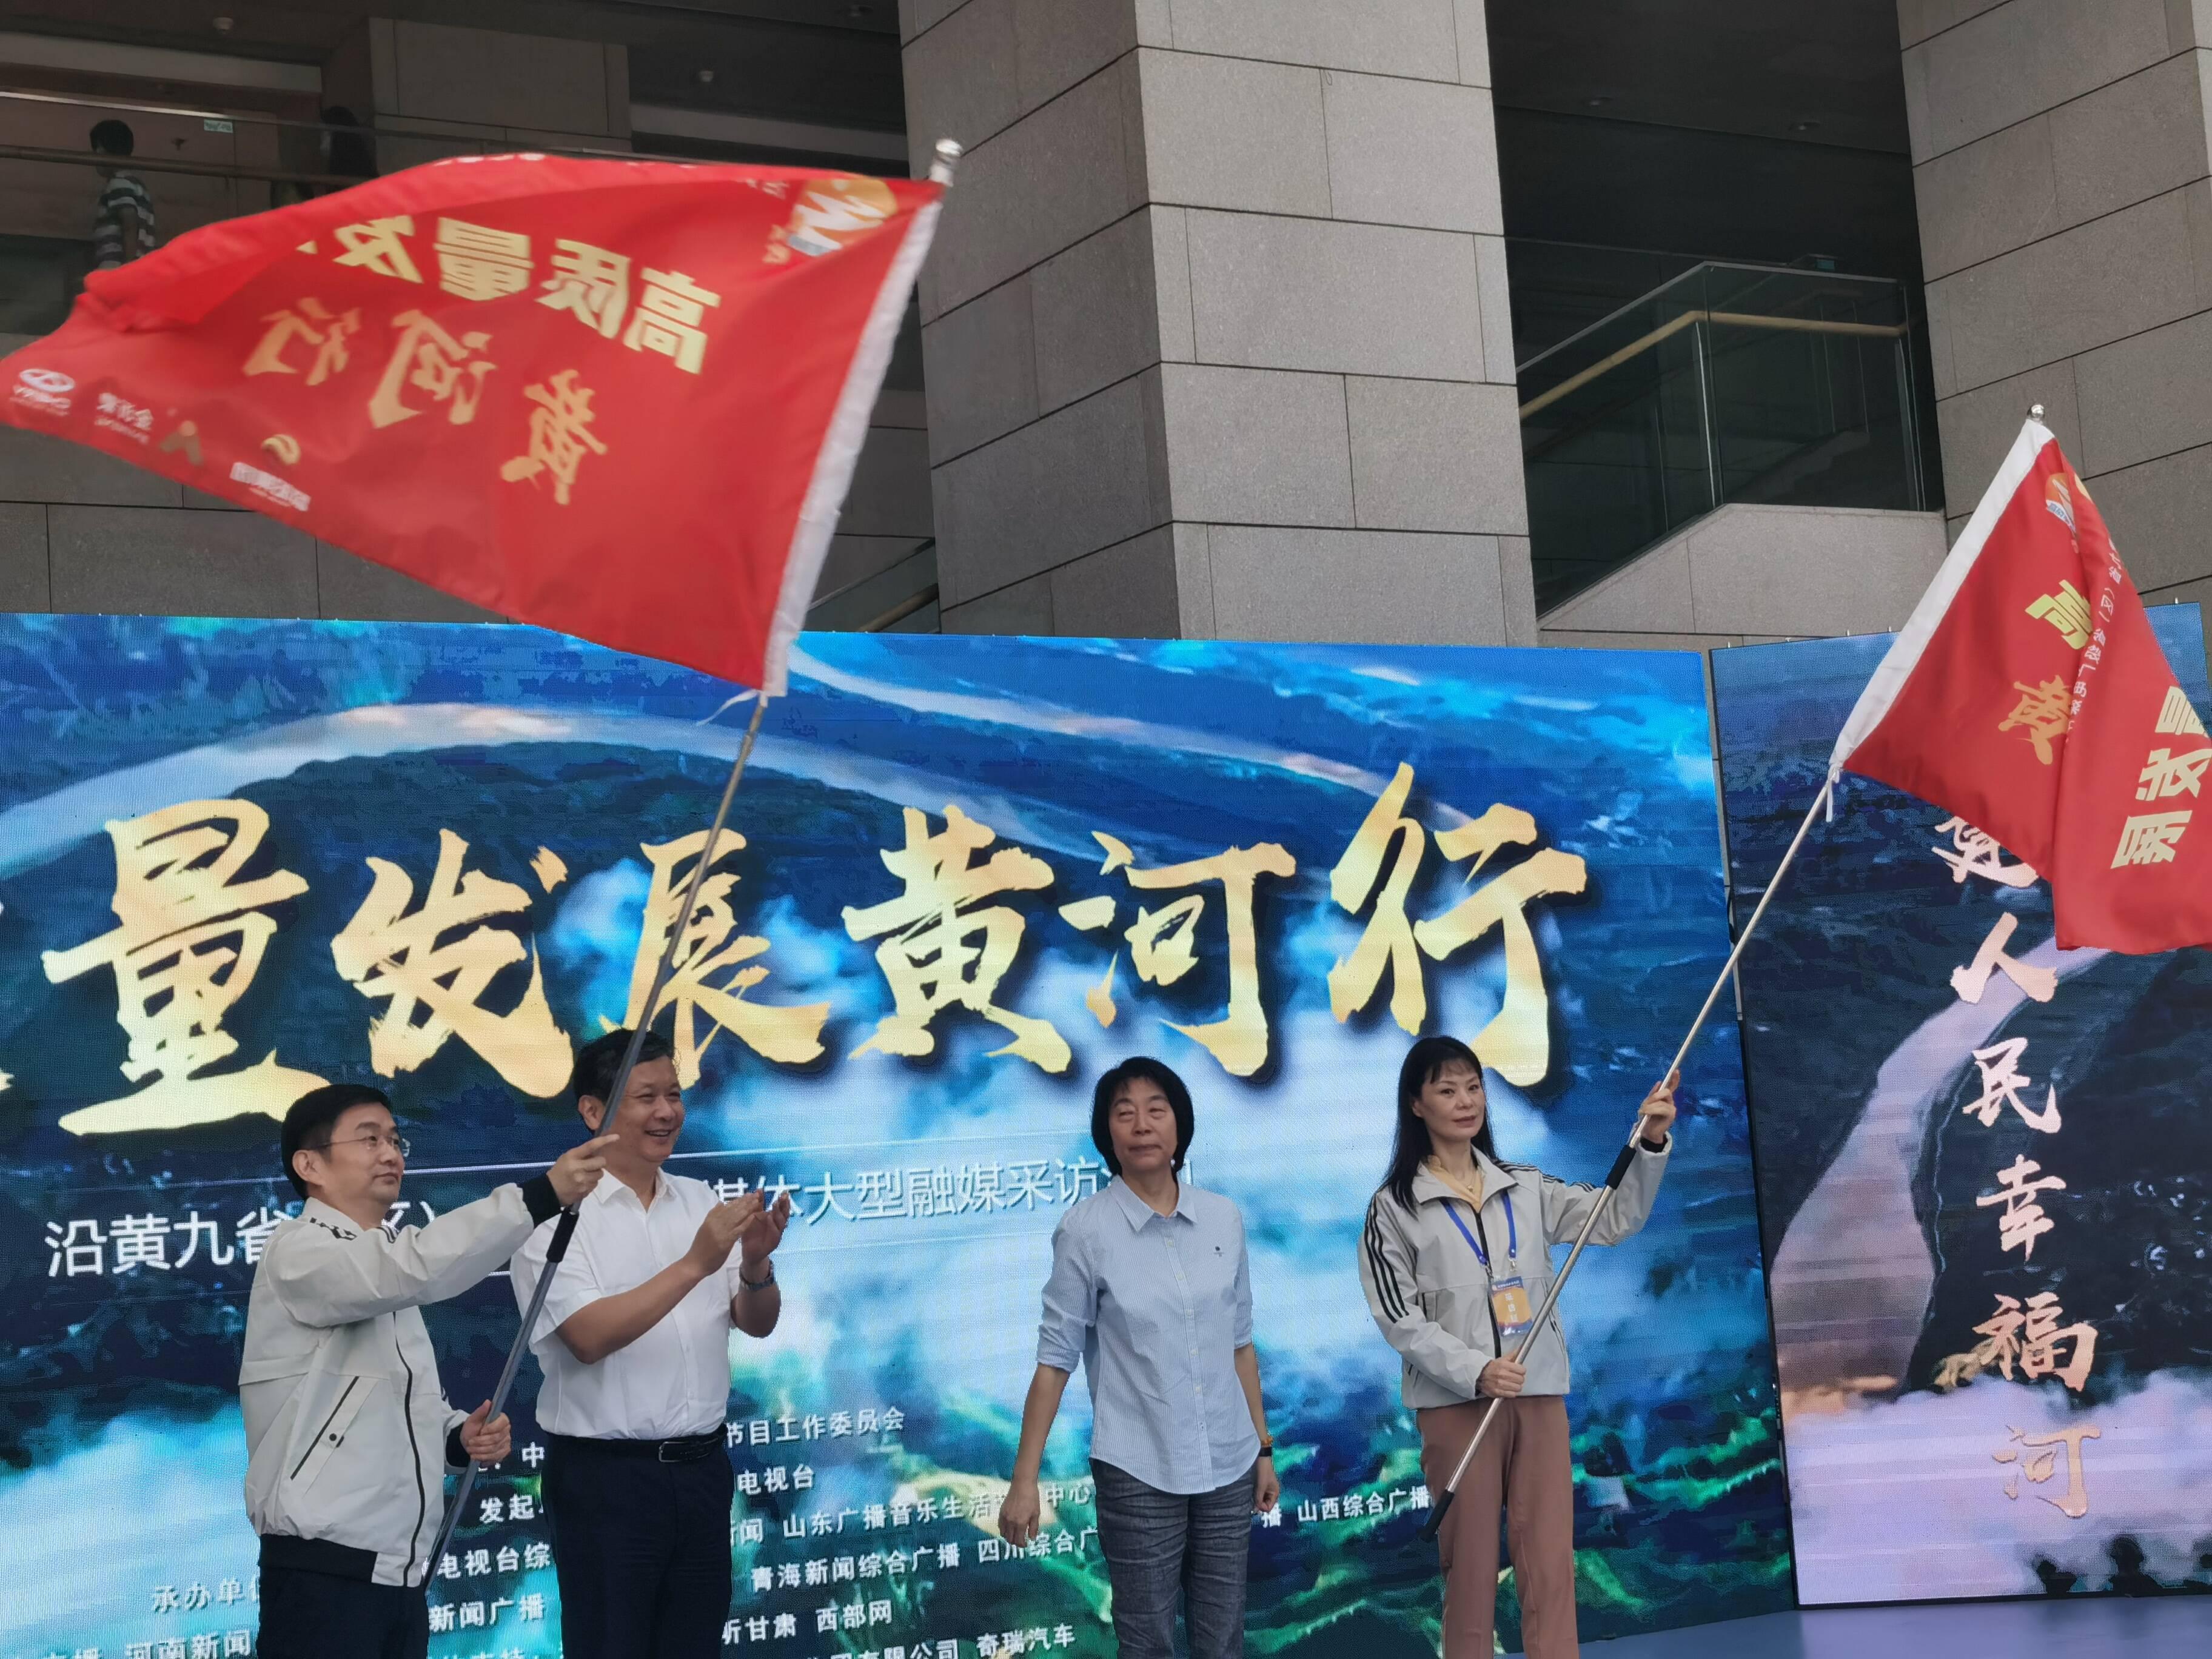 高质量发展黄河行——沿黄九省(区)省级广电媒体大型融媒采访活动启动